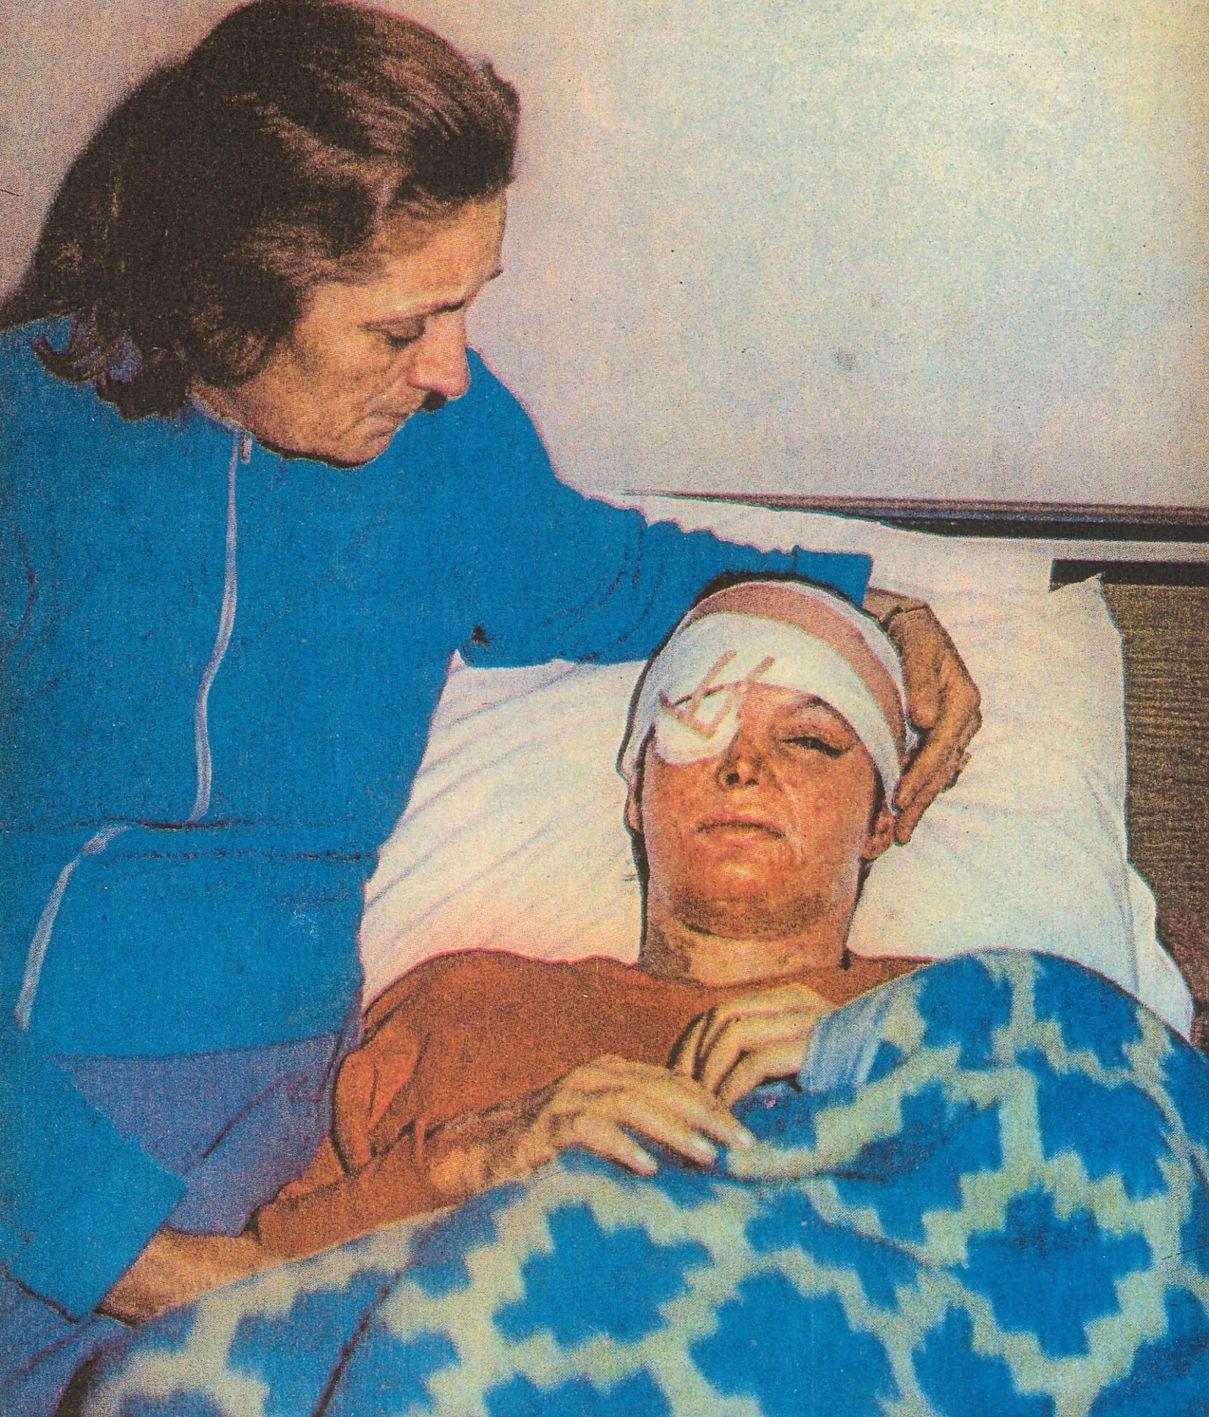 Bergen defalarca şiddete maruz kaldıktan sonra öldürüldü